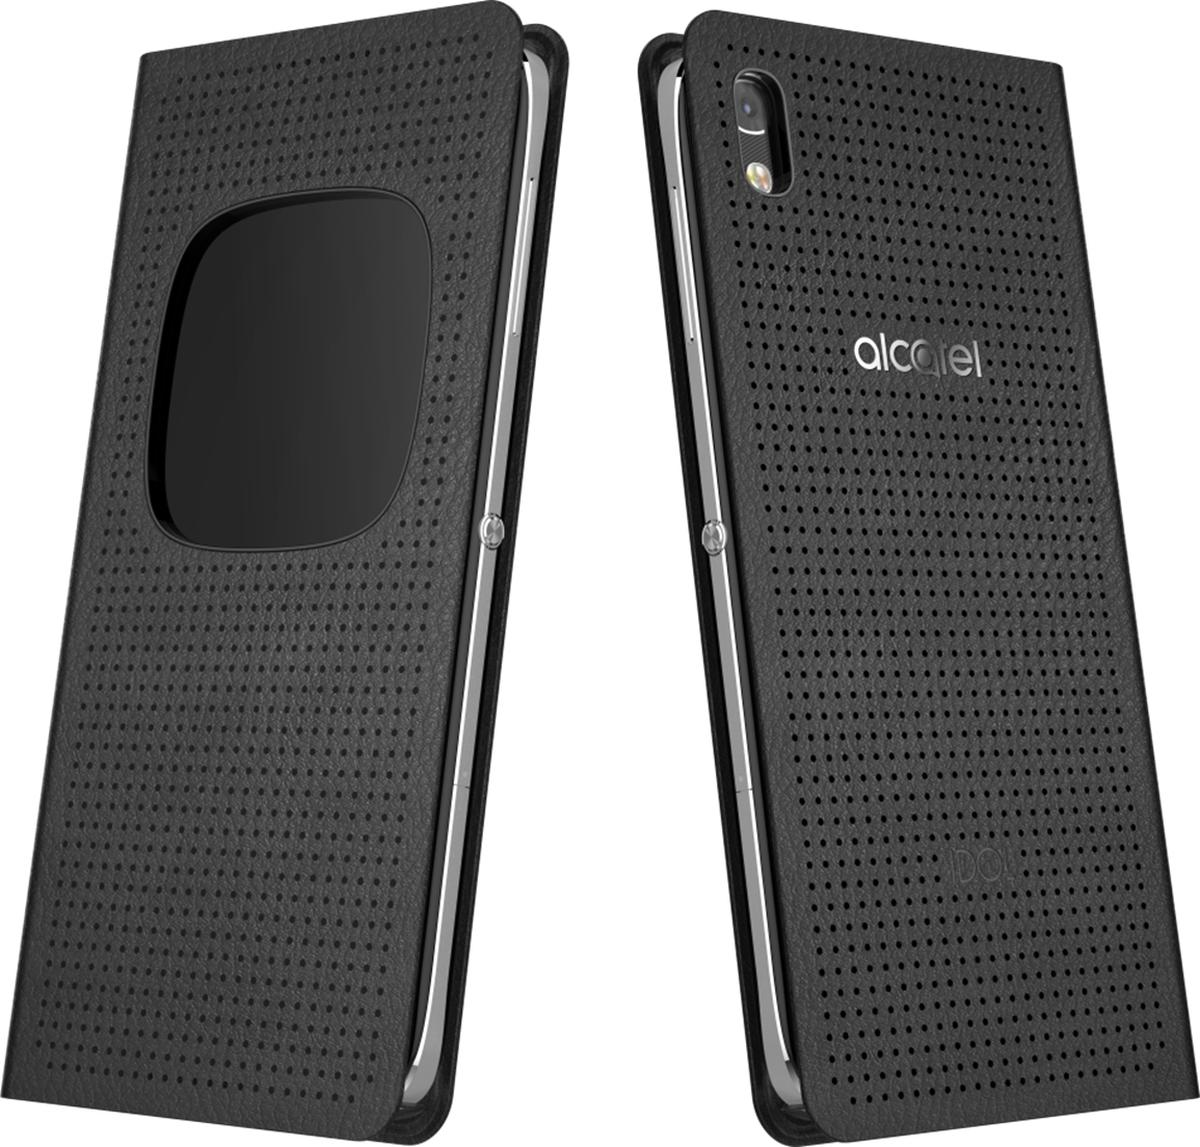 Alcatel MF6055 чехол для Idol 4 (6055K), BlackG6055-3AALMFG-RUЧехол-книжка Alcatel AF5095 для Idol 4 (6055K) надёжно защищает ваш смартфон от пыли, грязи и механических повреждений. Специальное окошко на лицевой стороне позволяет просматривать предупреждения и сообщения с вашего мобильного устройства на ходу, не открывая сам чехол. Конструкция чехла обеспечивает свободный доступ ко всем разъемам и кнопкам управления.